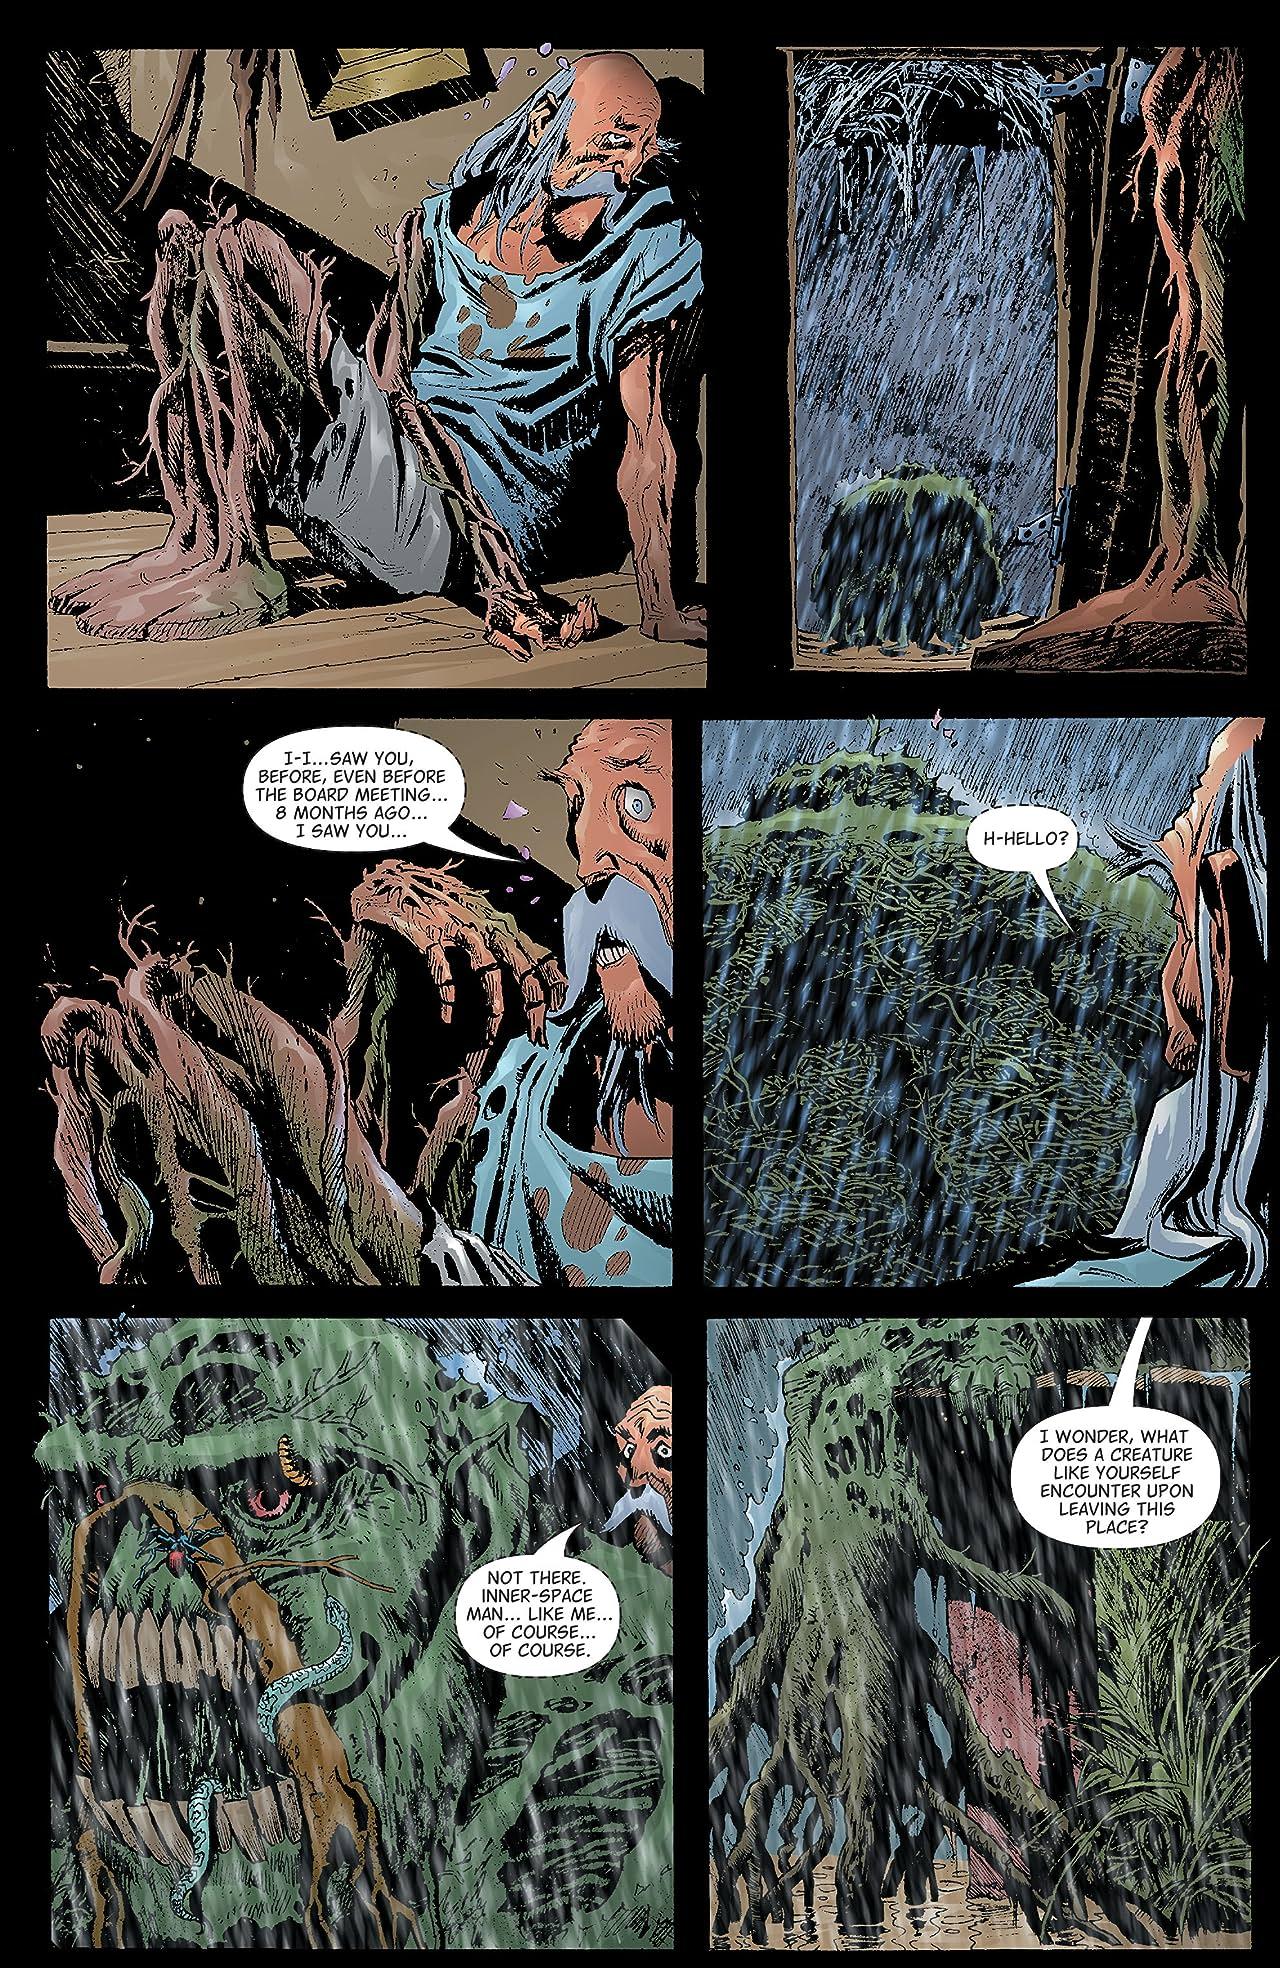 Swamp Thing (2004-2006) #16